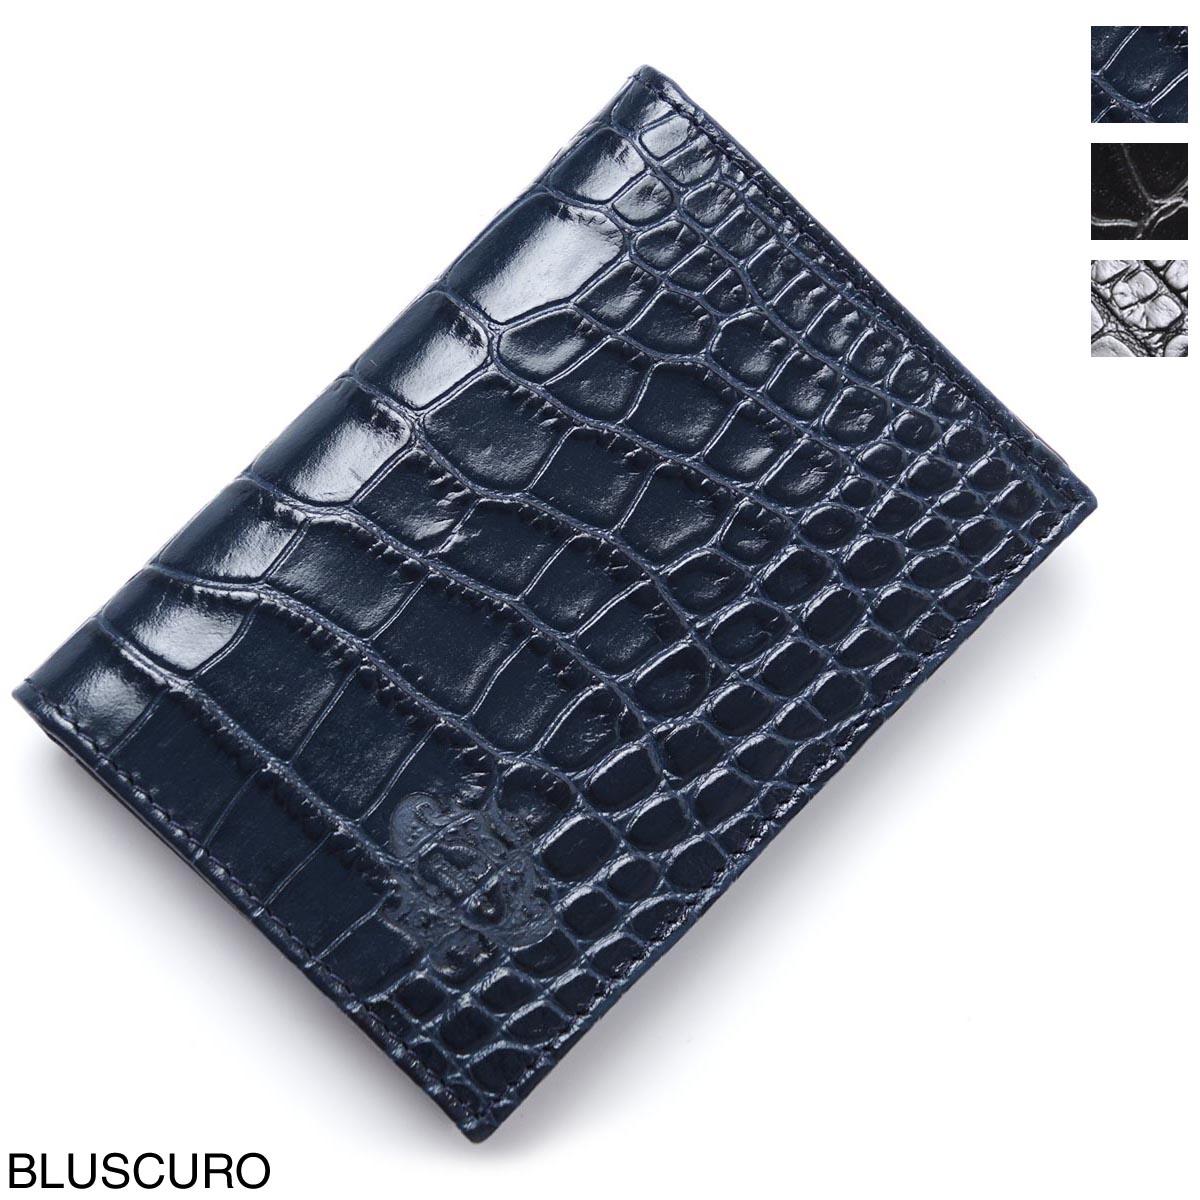 オロビアンコ Orobianco カードケース FIGARO COCCOLINO フィガロ figaro coccolino メンズ【ラッピング無料】【返品送料無料】【あす楽対応_関東】